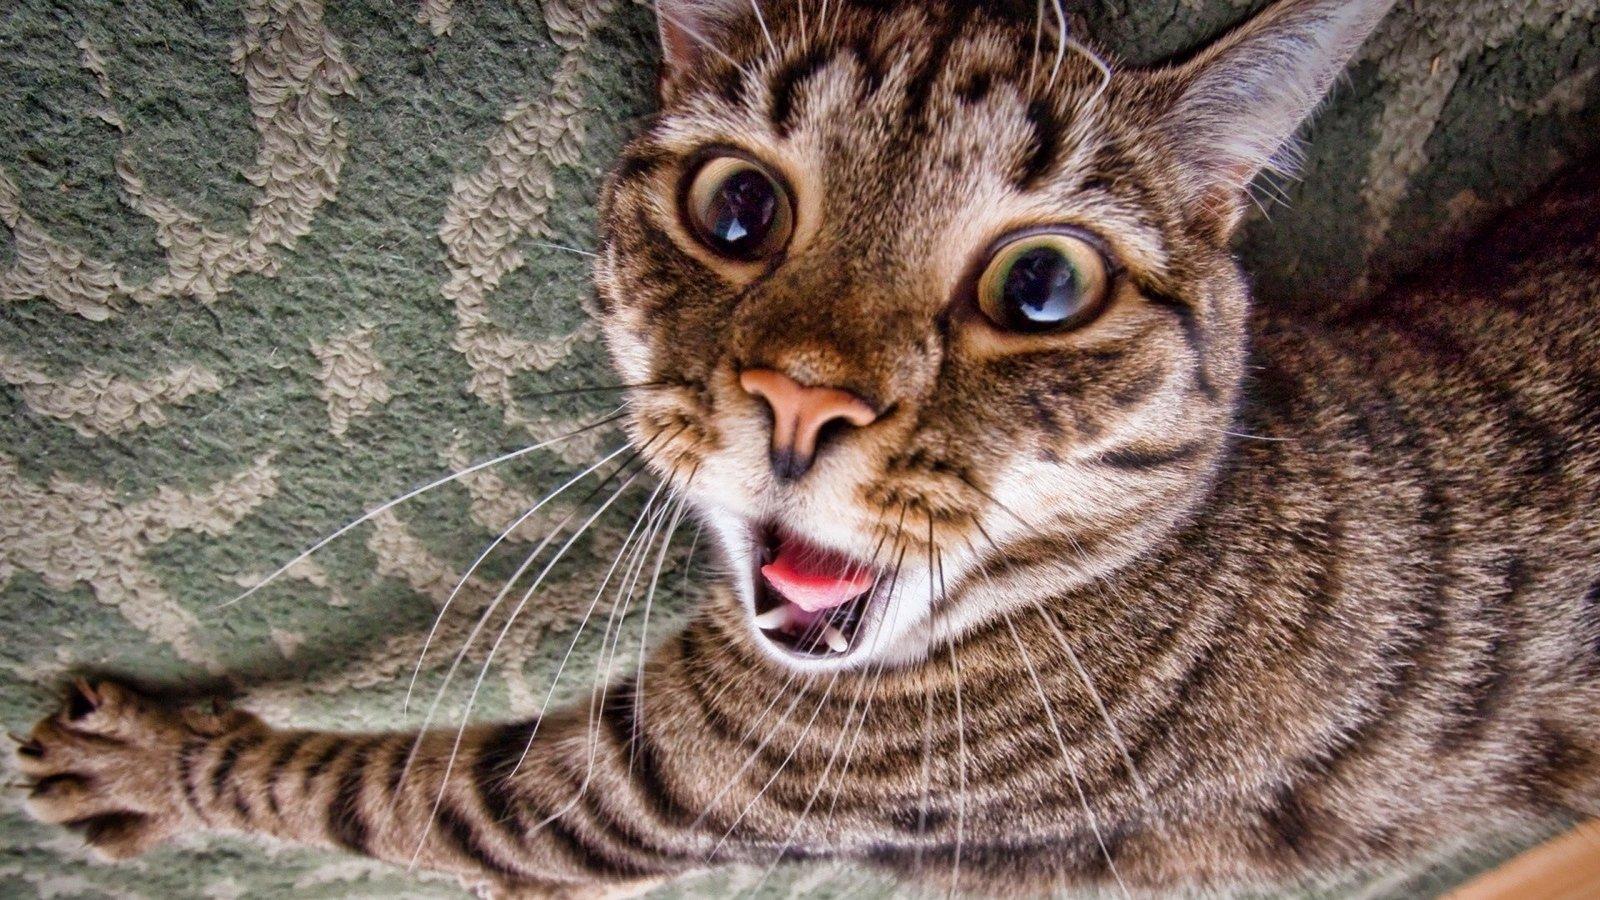 кошки прикольные фото картинки валентиновна